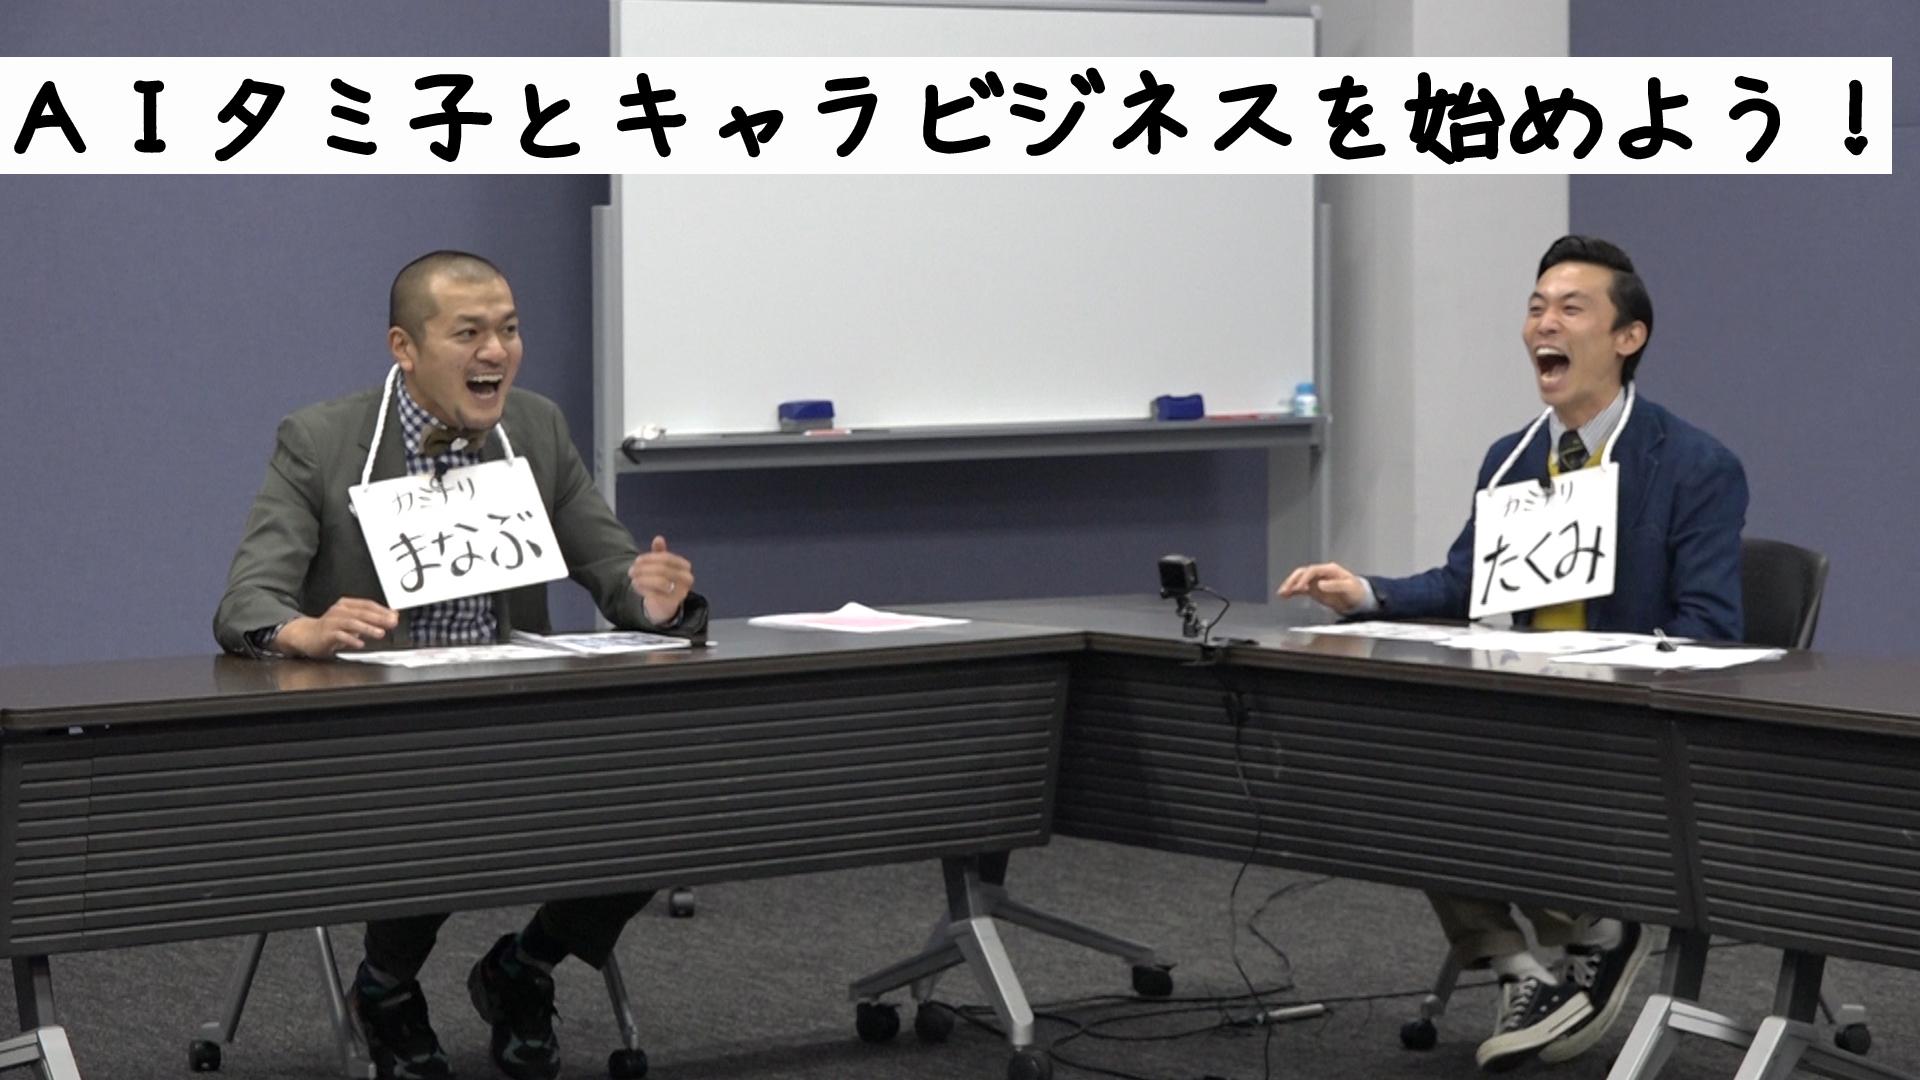 無料テレビで関東エリアを視聴する